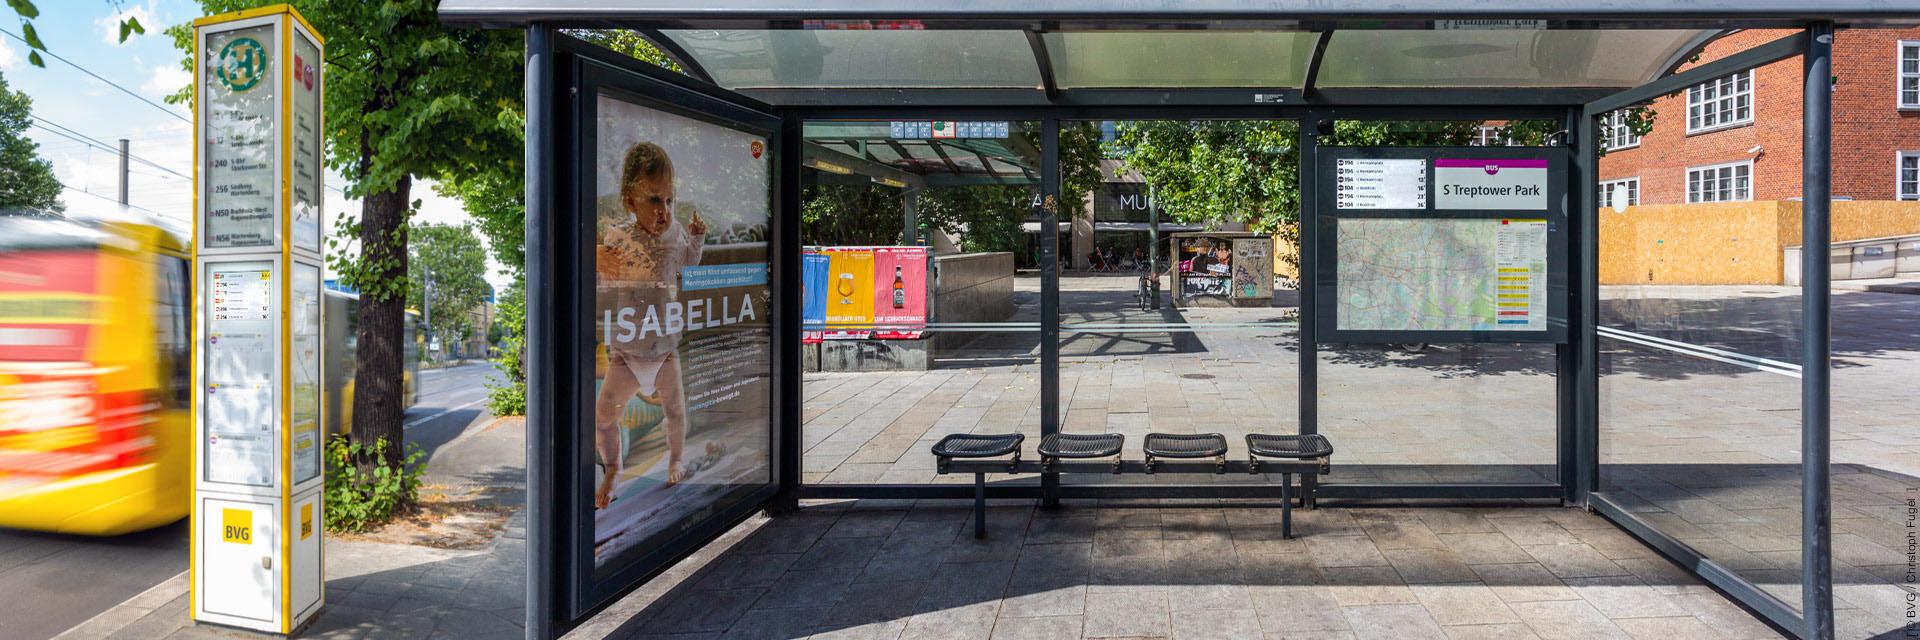 Dynamische Fahrgastinformationssysteme für Berliner Tram-, Bus- und Bahnstationen